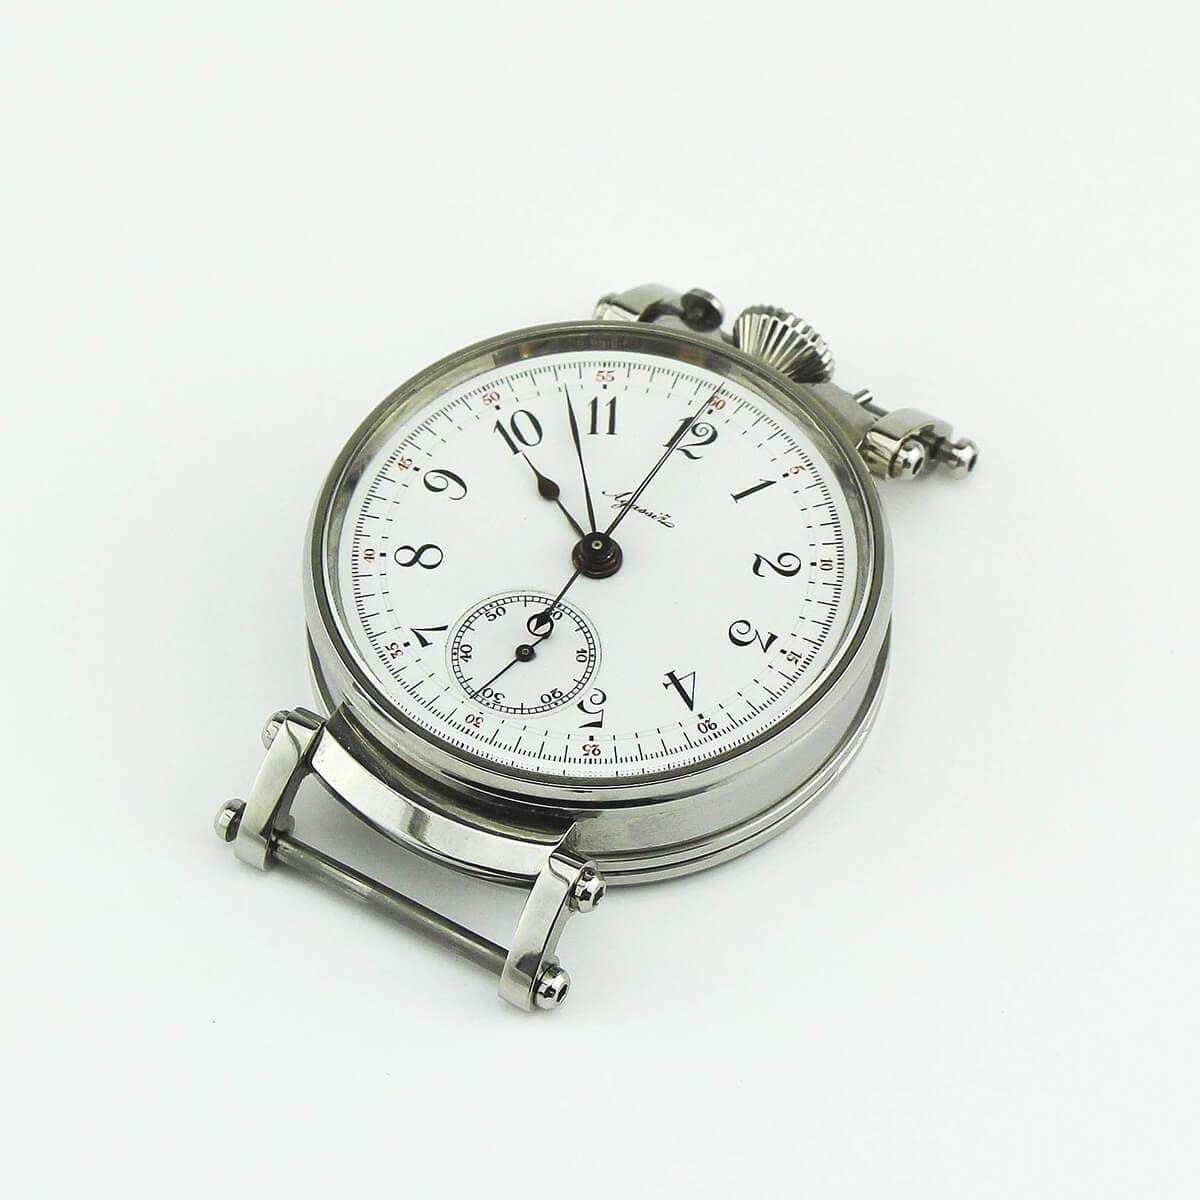 ad5dce70 Антикварные часы в Москве в салоне «Сказка»